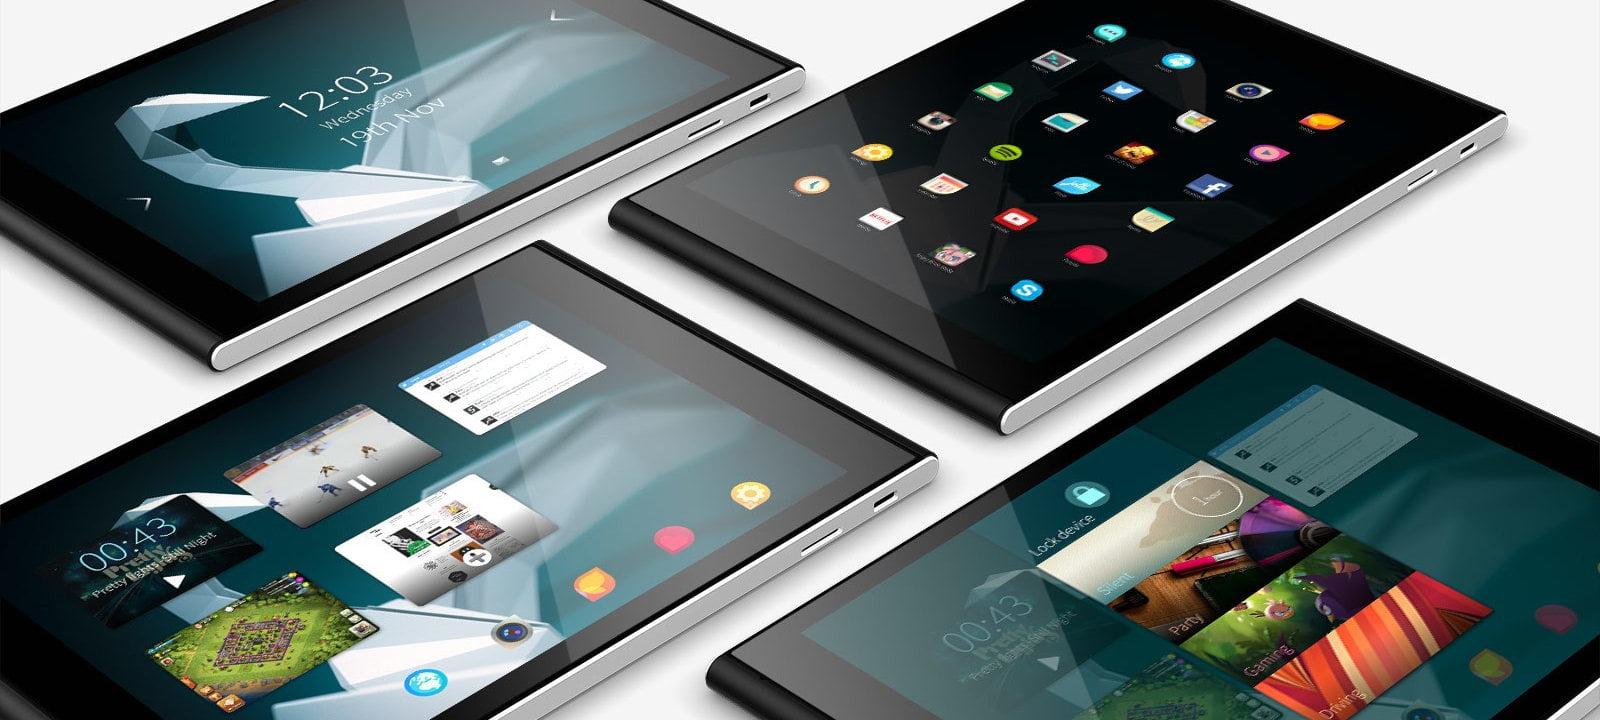 7 мобильных ОС с открытым исходным кодом: могут ли они составить конкуренцию Android?